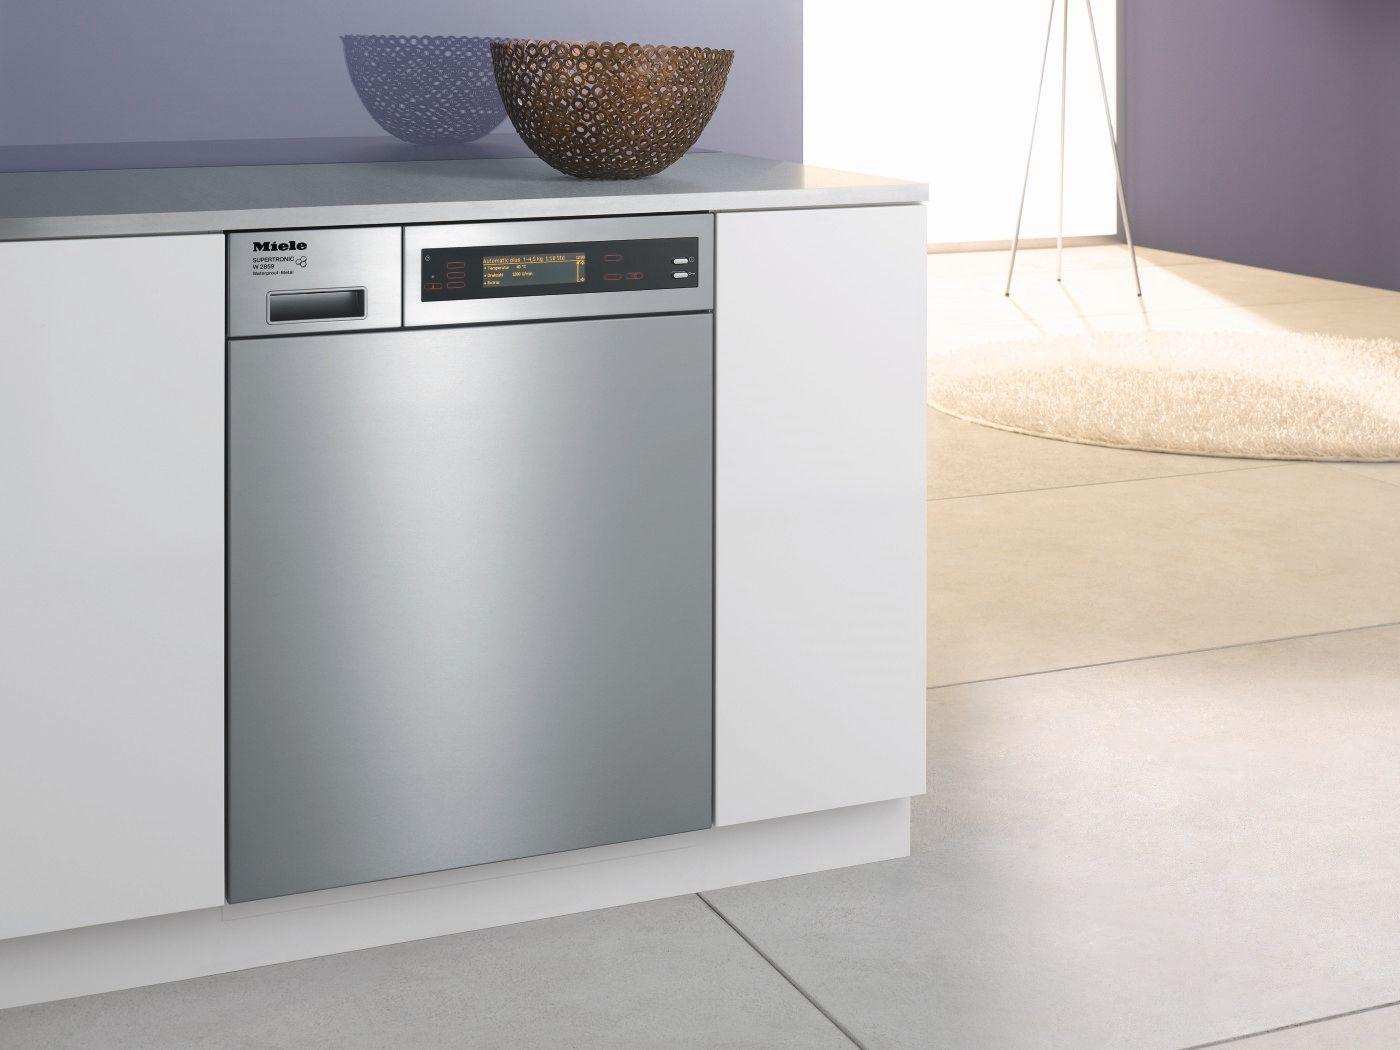 miele waschmaschine einbau silber bewusst haushalten. Black Bedroom Furniture Sets. Home Design Ideas